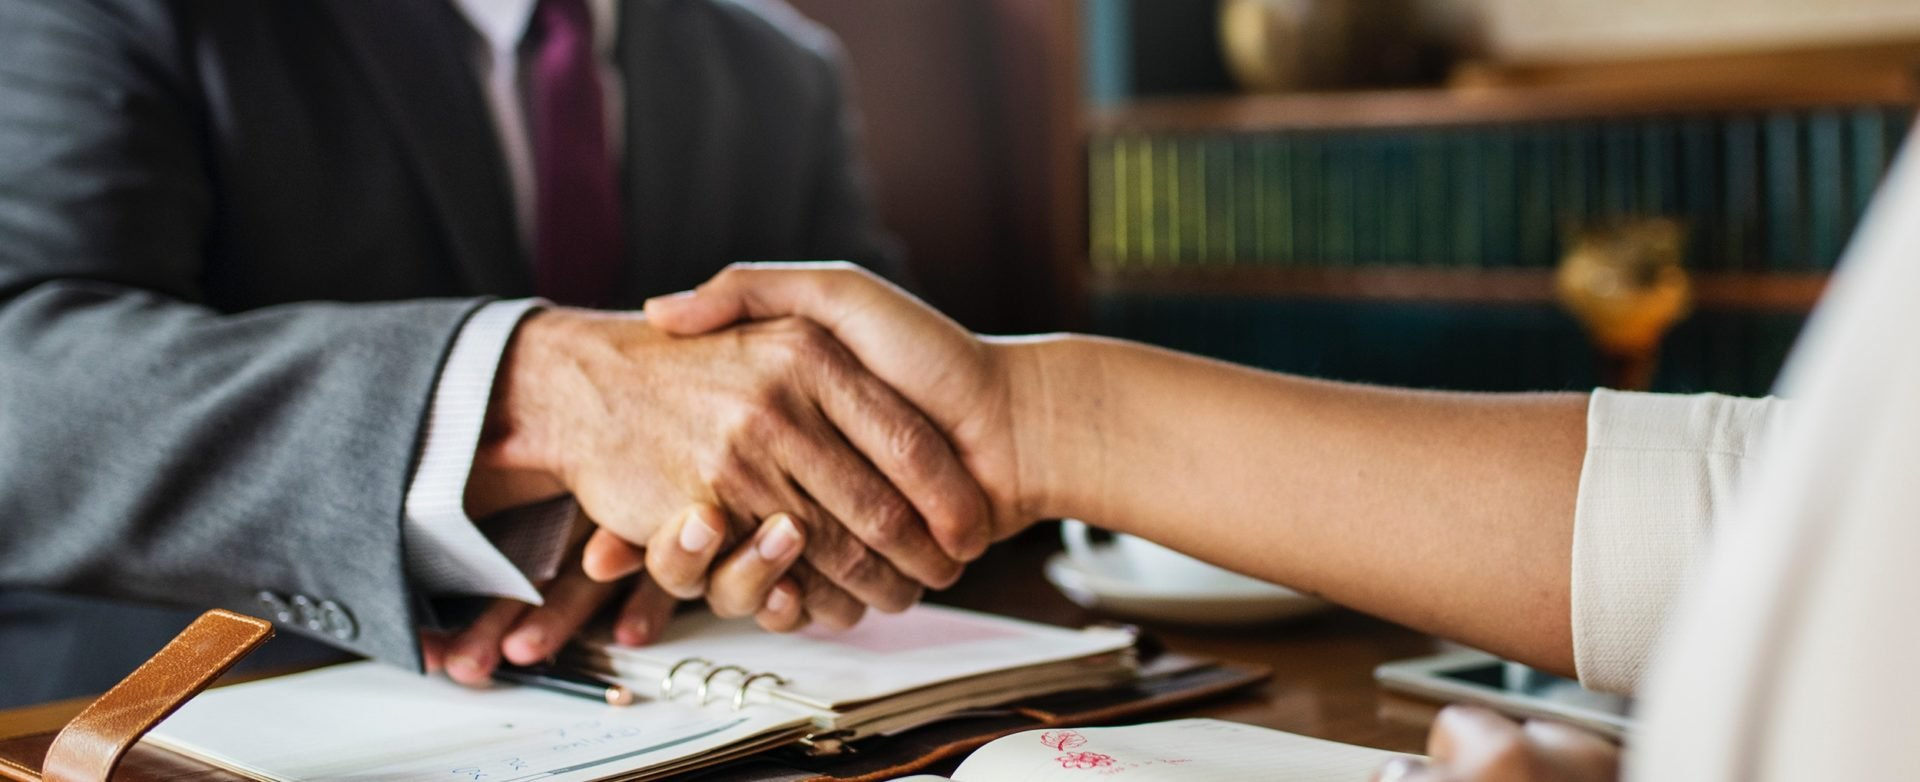 Asesoría en insolvencia económica Cali – Jinete & Asociados –